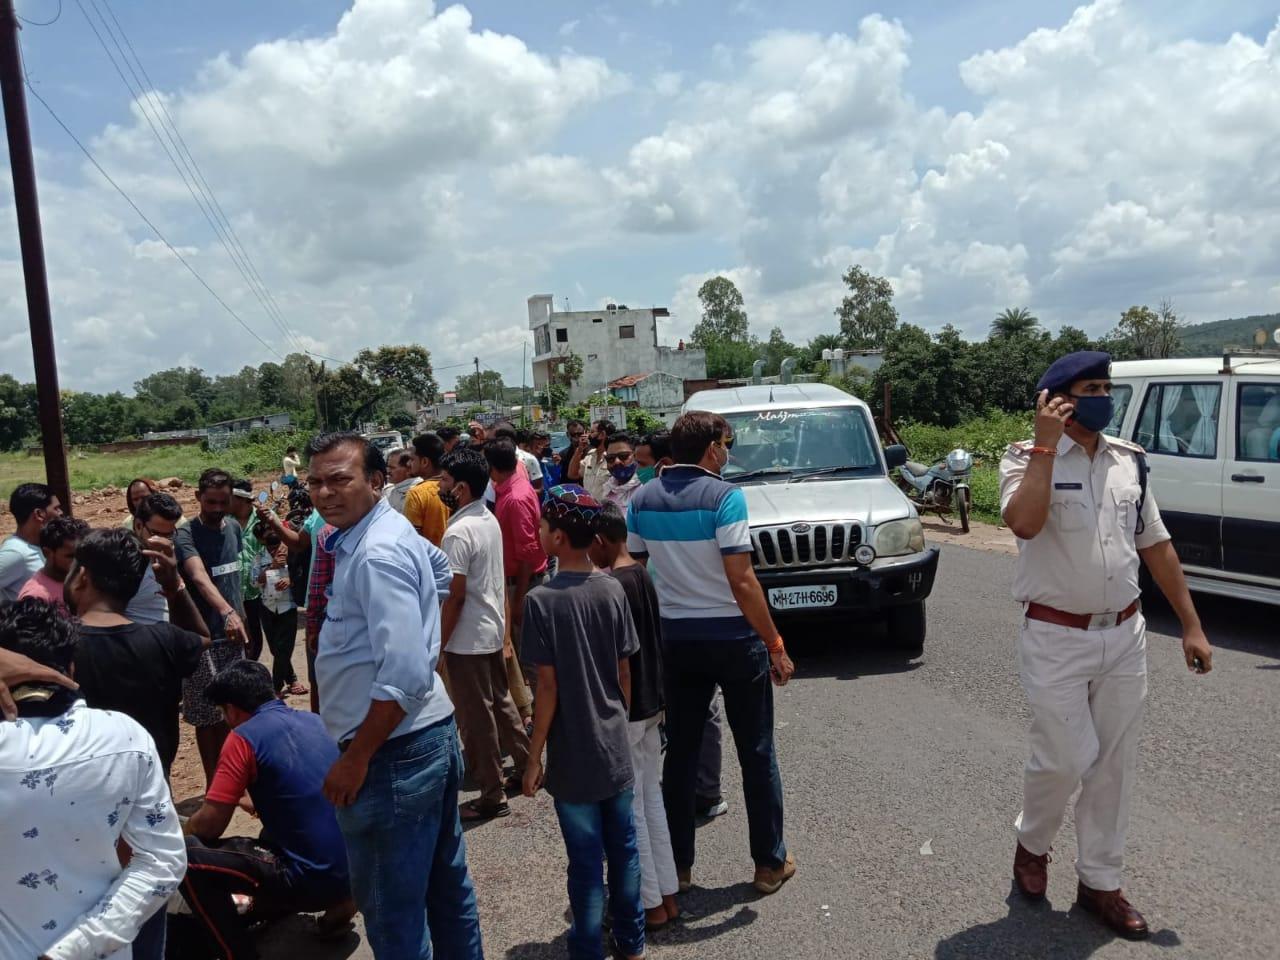 खिरसाडोह बायपास पर अनियंत्रित हुई स्कार्पियों ने बाईक सामने से मारी टक्कर, युवती ने अस्पताल में तोड़ा दम, दो की हालत गंभीर|छिंदवाड़ा,Chhindwara - Dainik Bhaskar